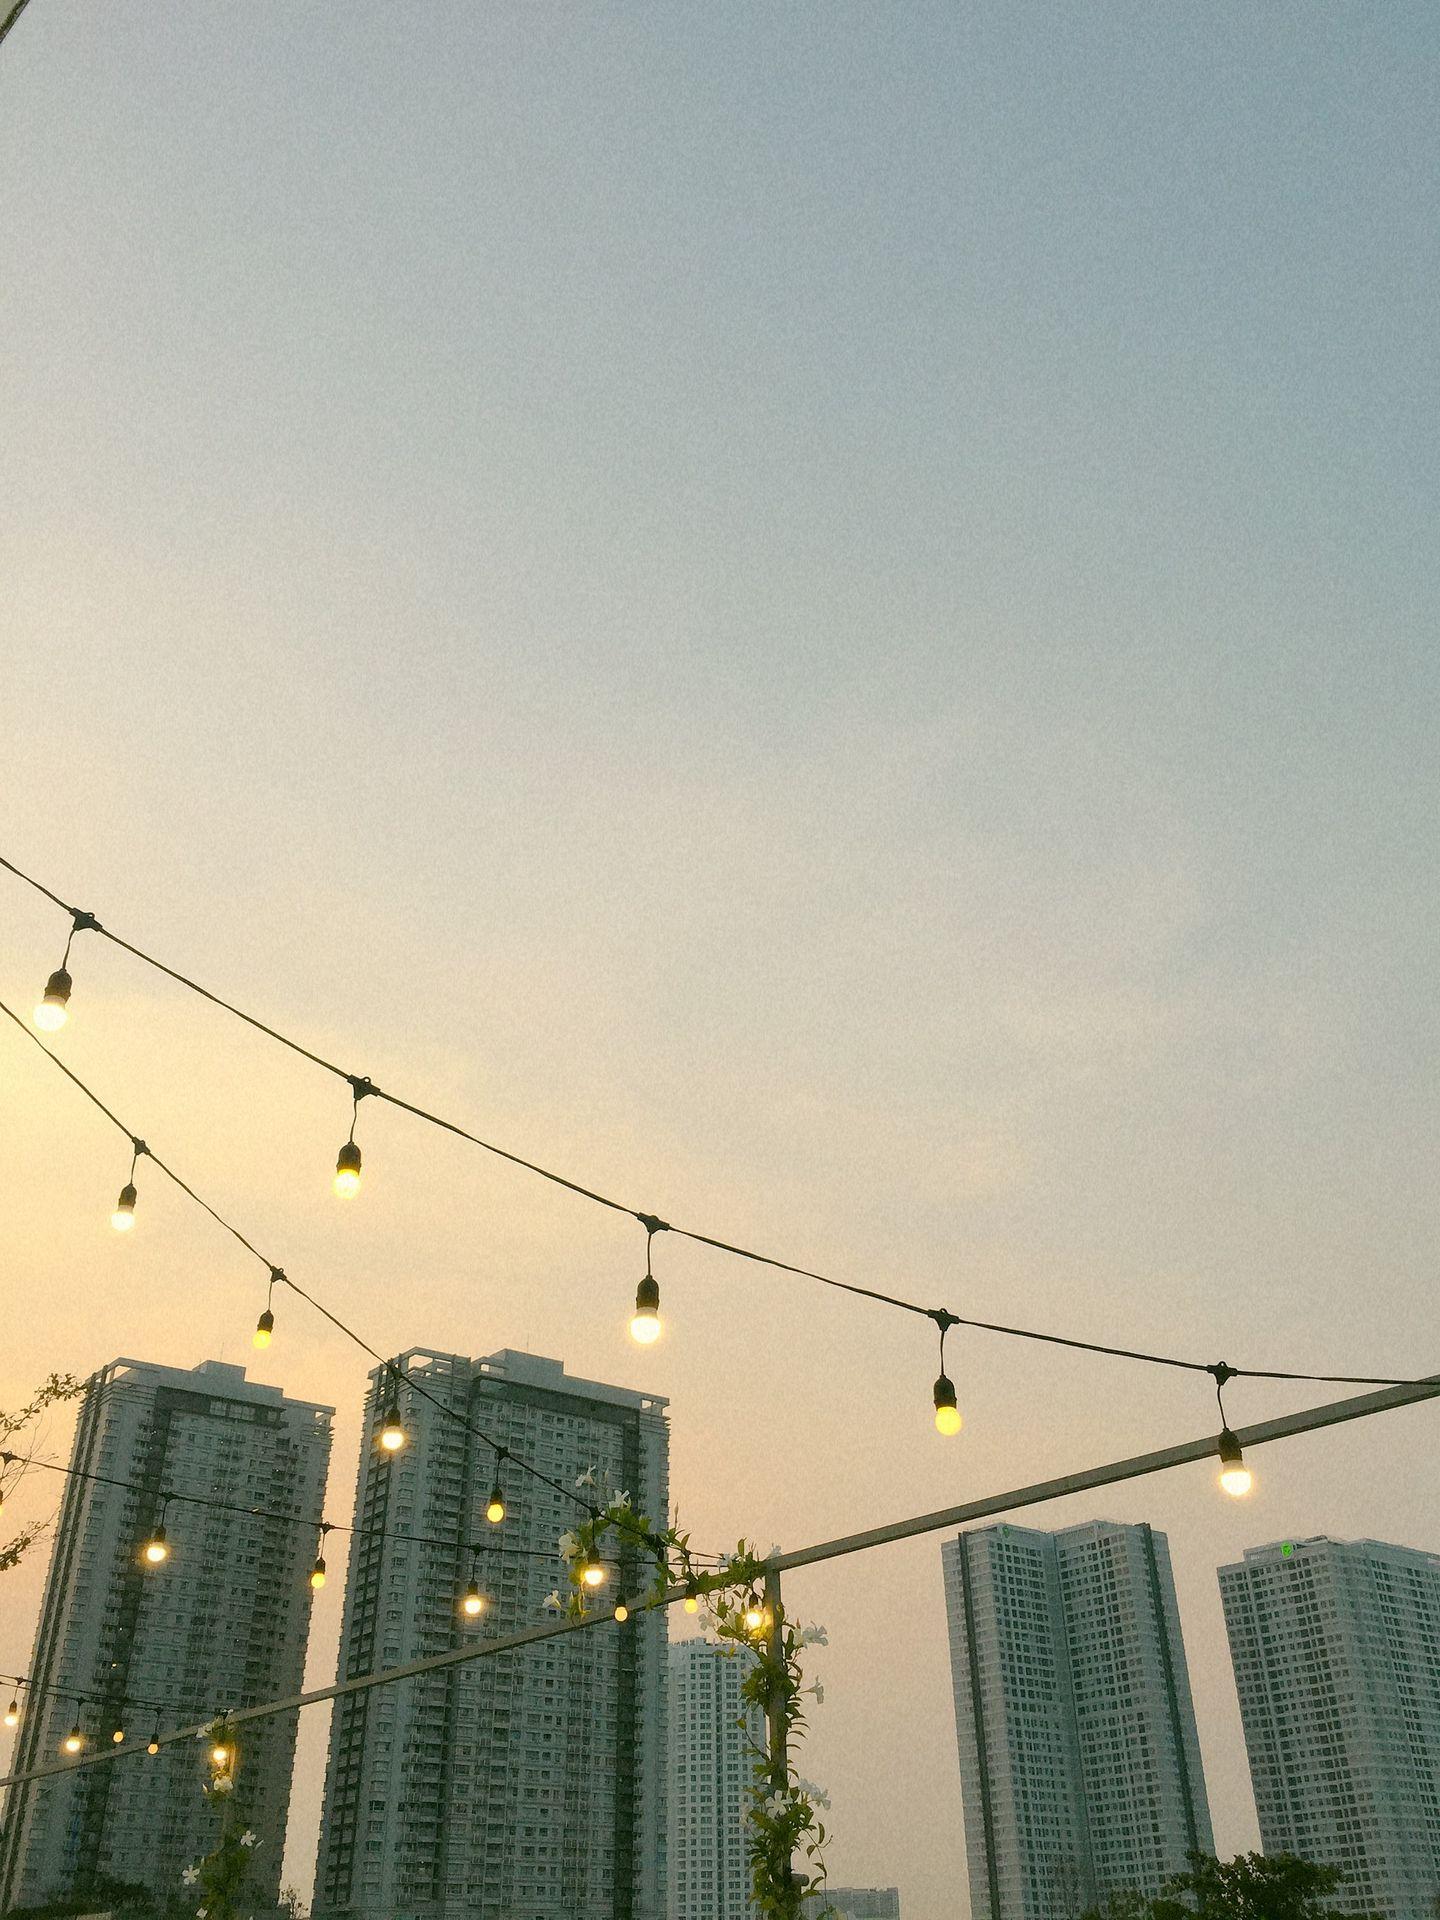 Bầu trời dần tối hẳn đèn cũng lên nhiều hơn